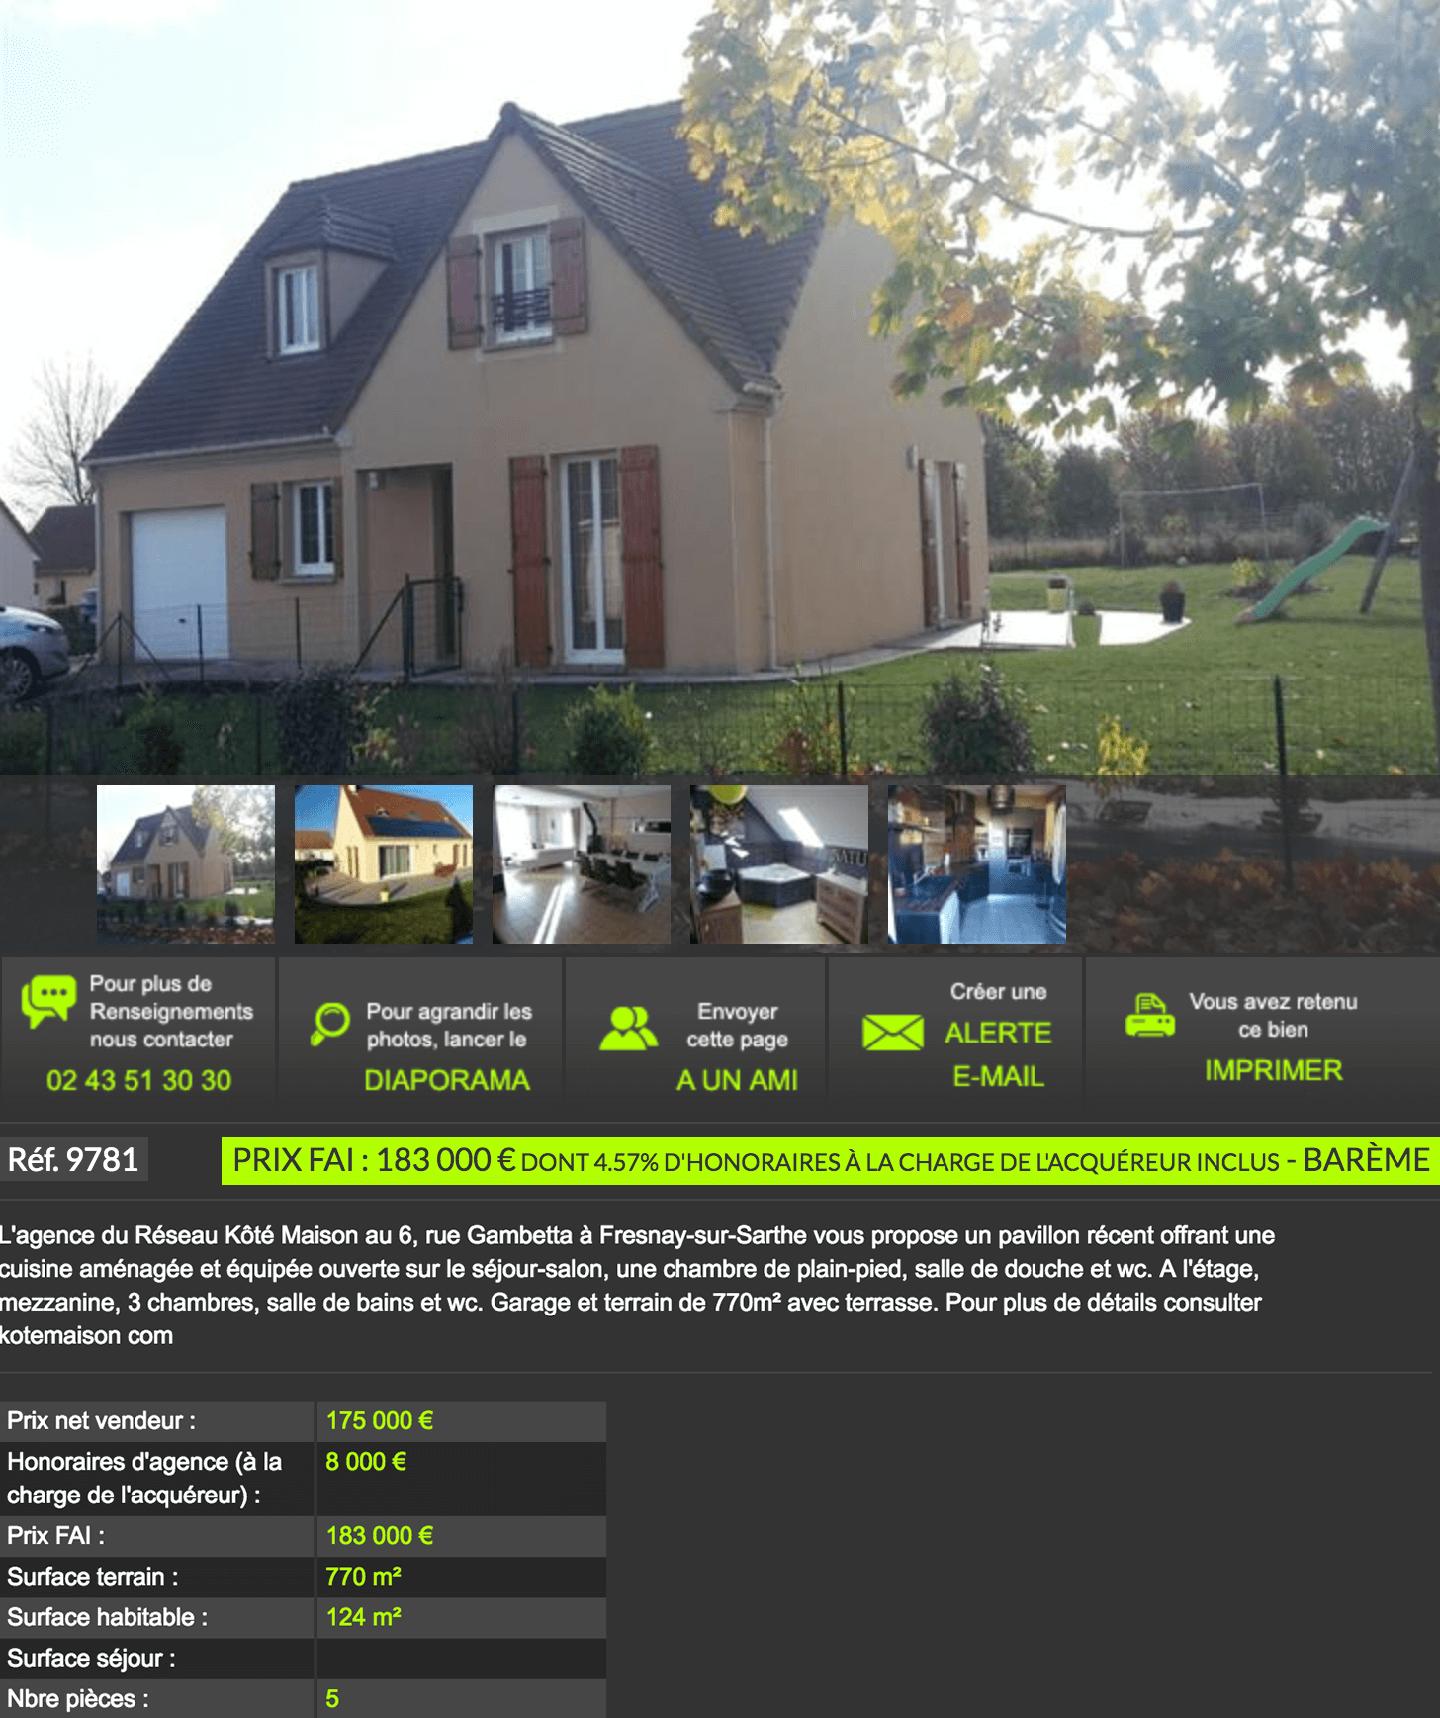 Дом площадью 124 м² с 4 спальнями и современным ремонтом продается за 183 000€. Сюда включено вознаграждение агентства